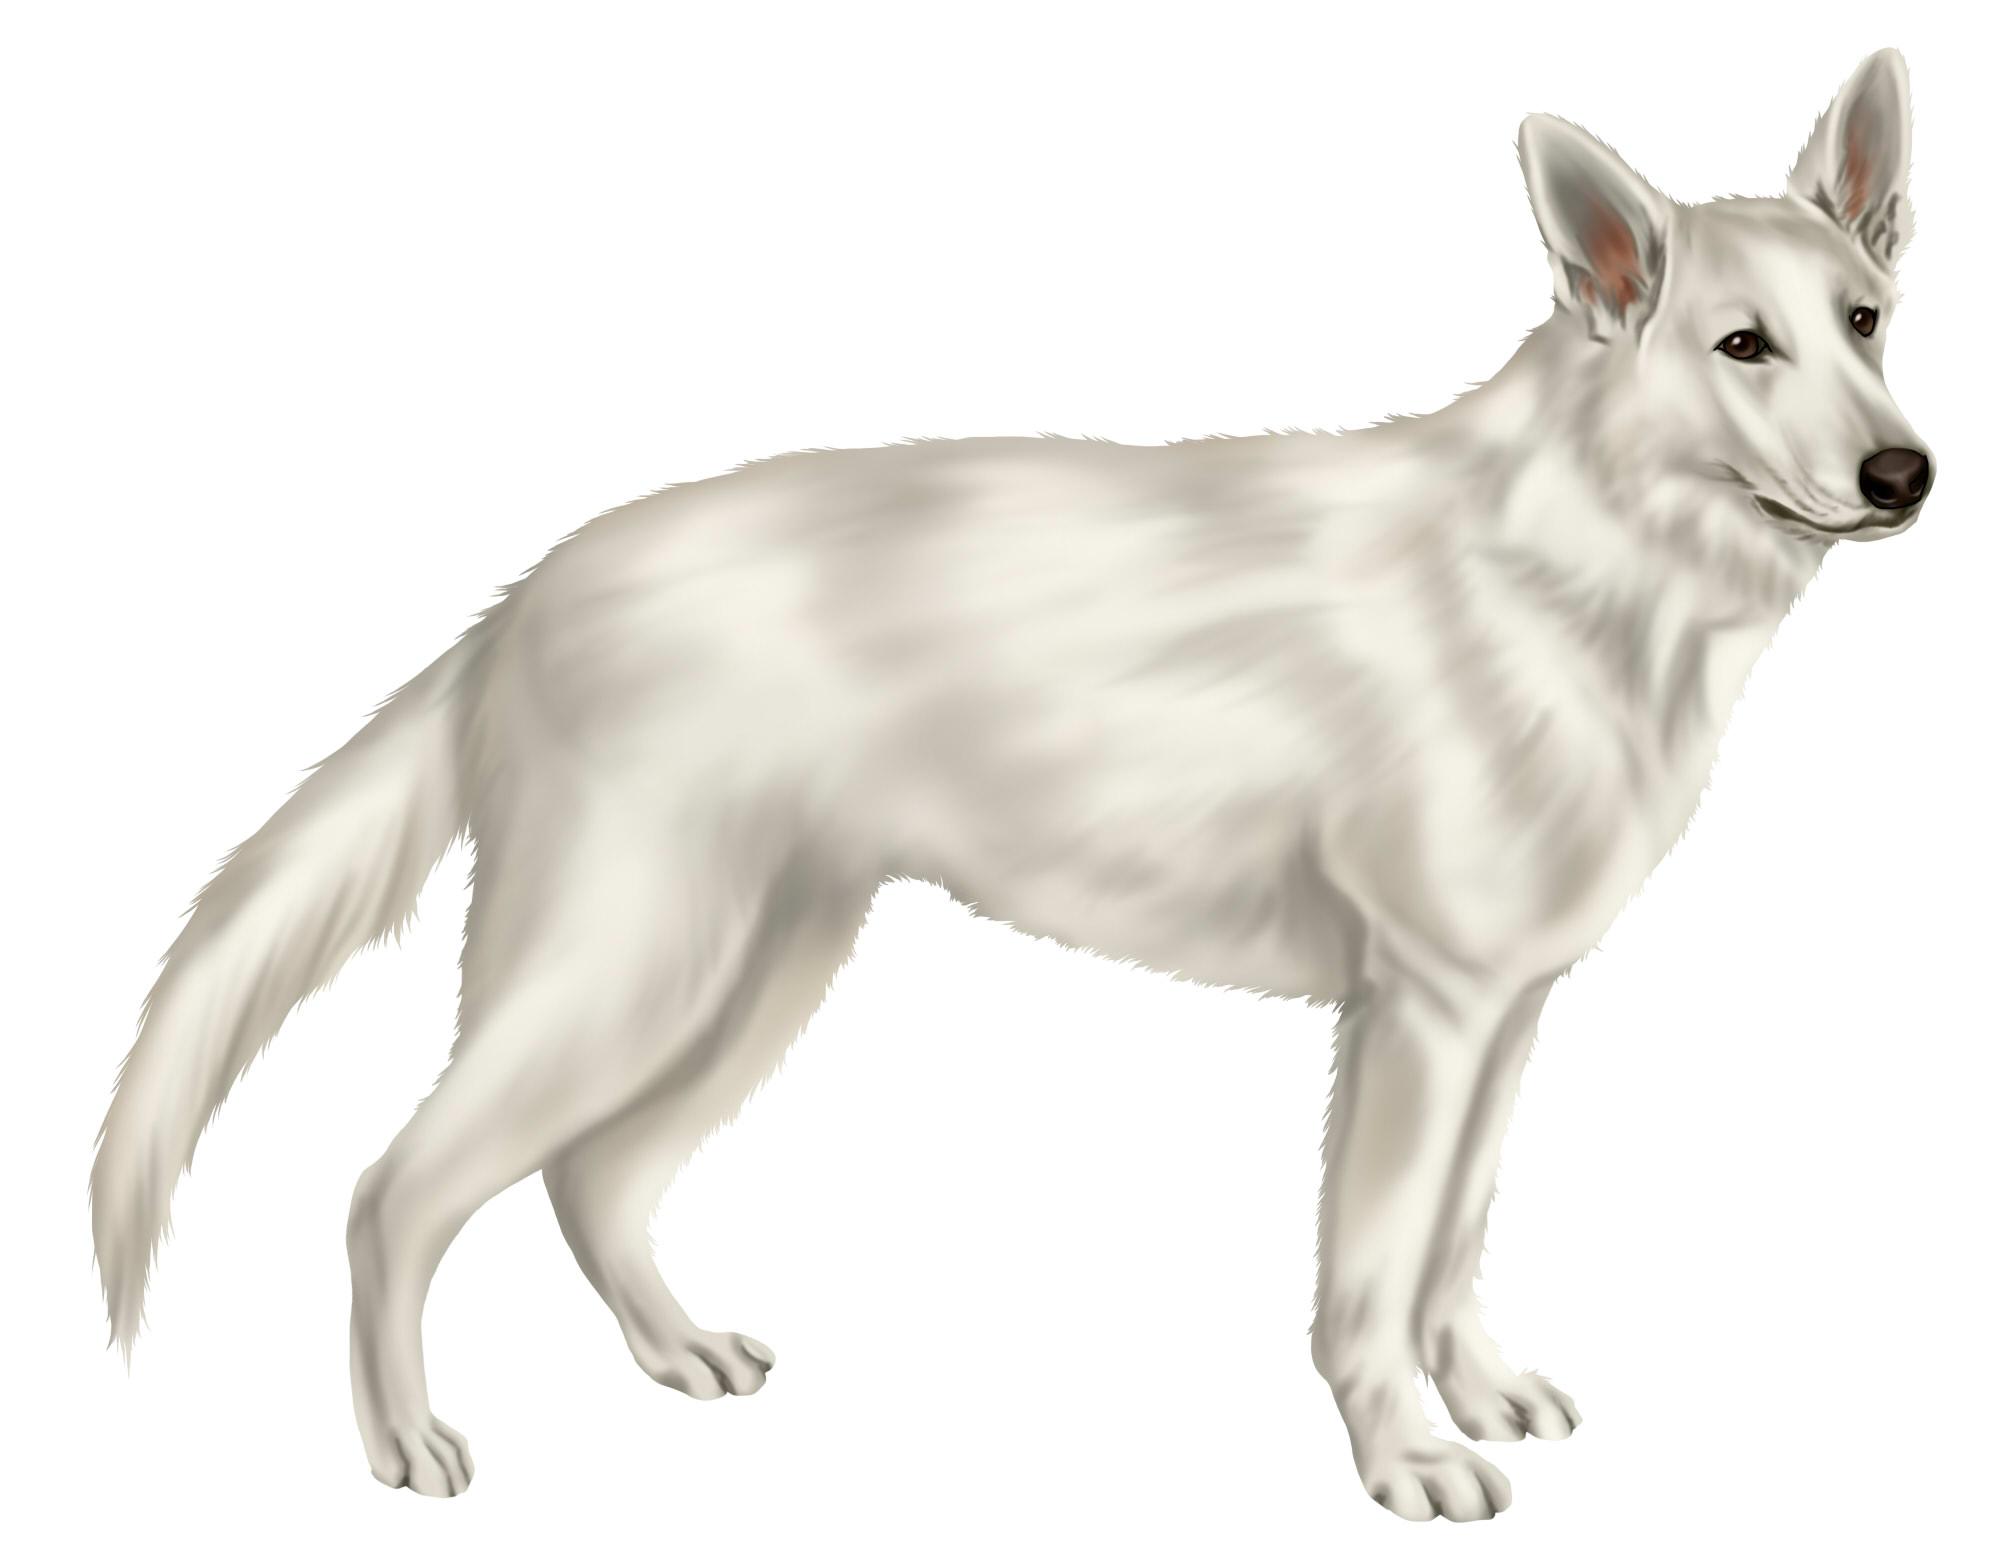 ホワイト・スイス・シェパード・ドッグ